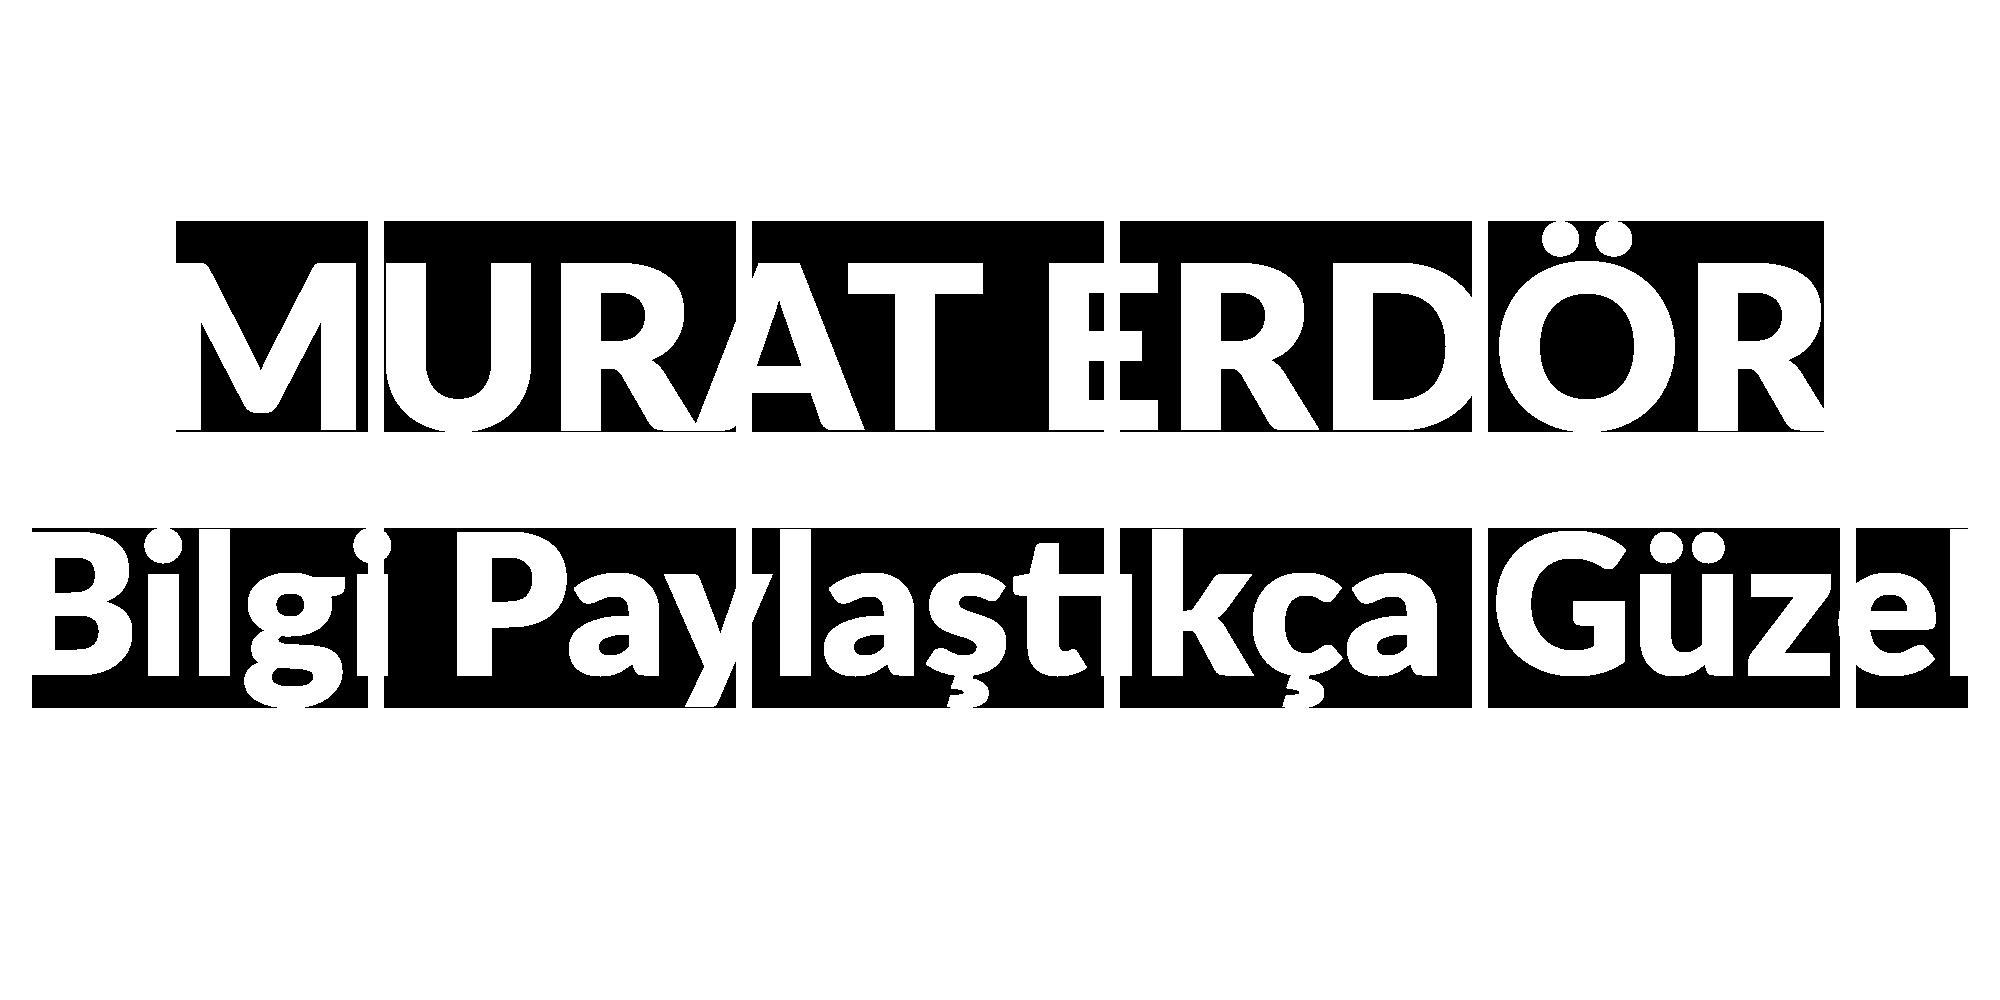 Murat Erdör Bilgi Paylaştıkça Güzel